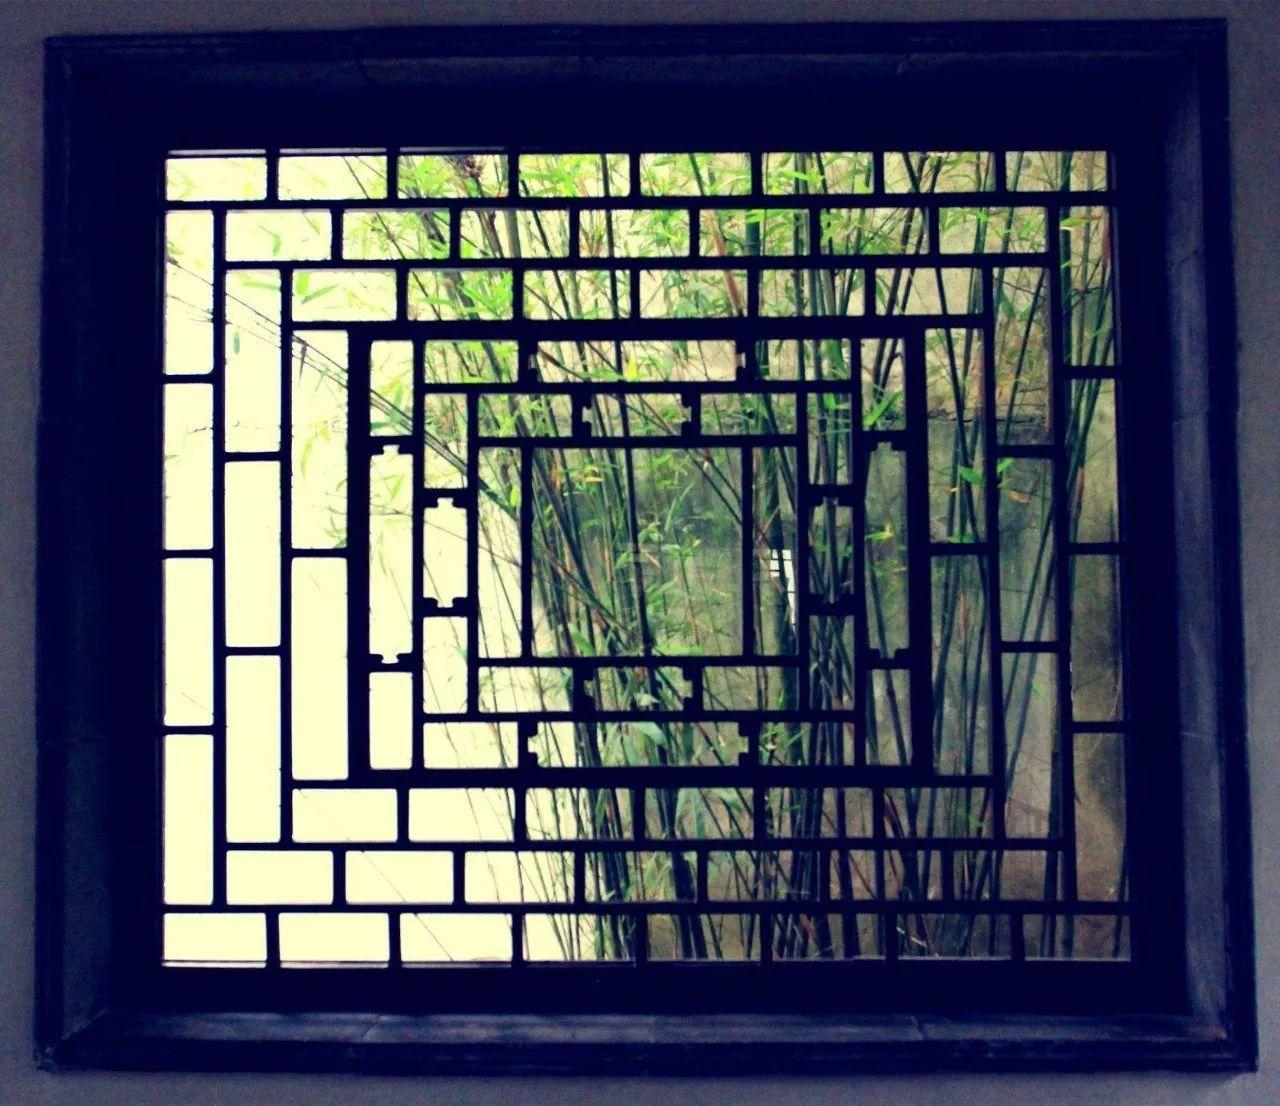 文化 正文  中国古代园林建筑中,窗户是一种诗意的写照,窗户花纹的